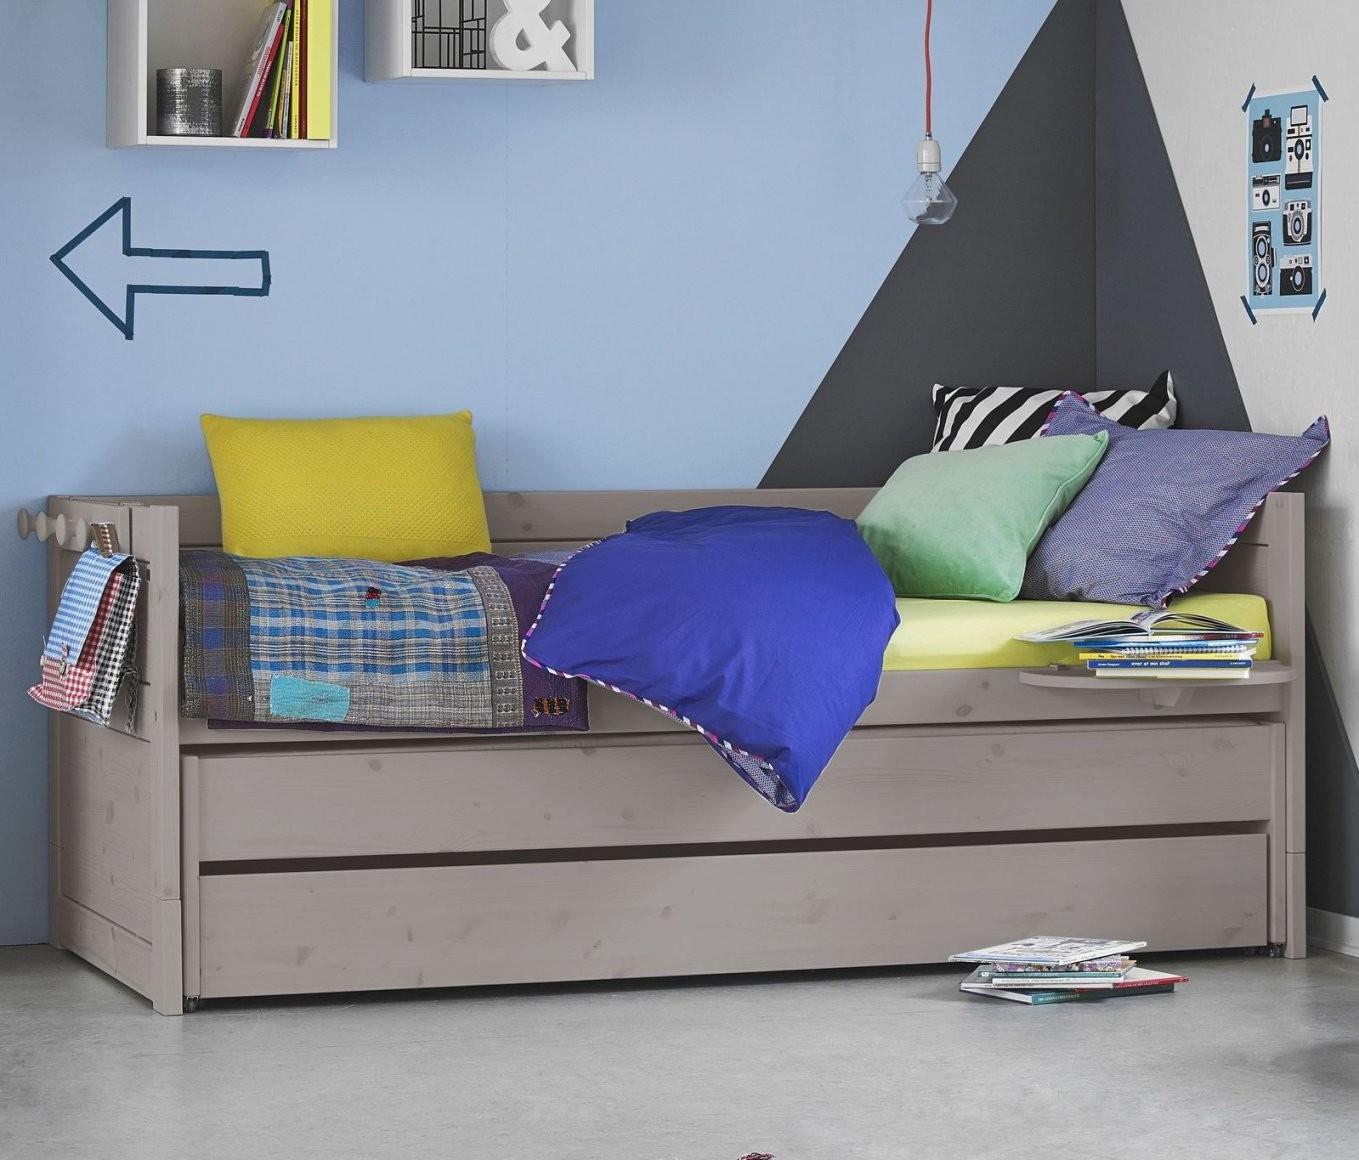 Lifetime Kojenausziehbett 2 Liegeflächen + Schublade  Original von Bett Mit Ausziehbett Und Schubladen Photo